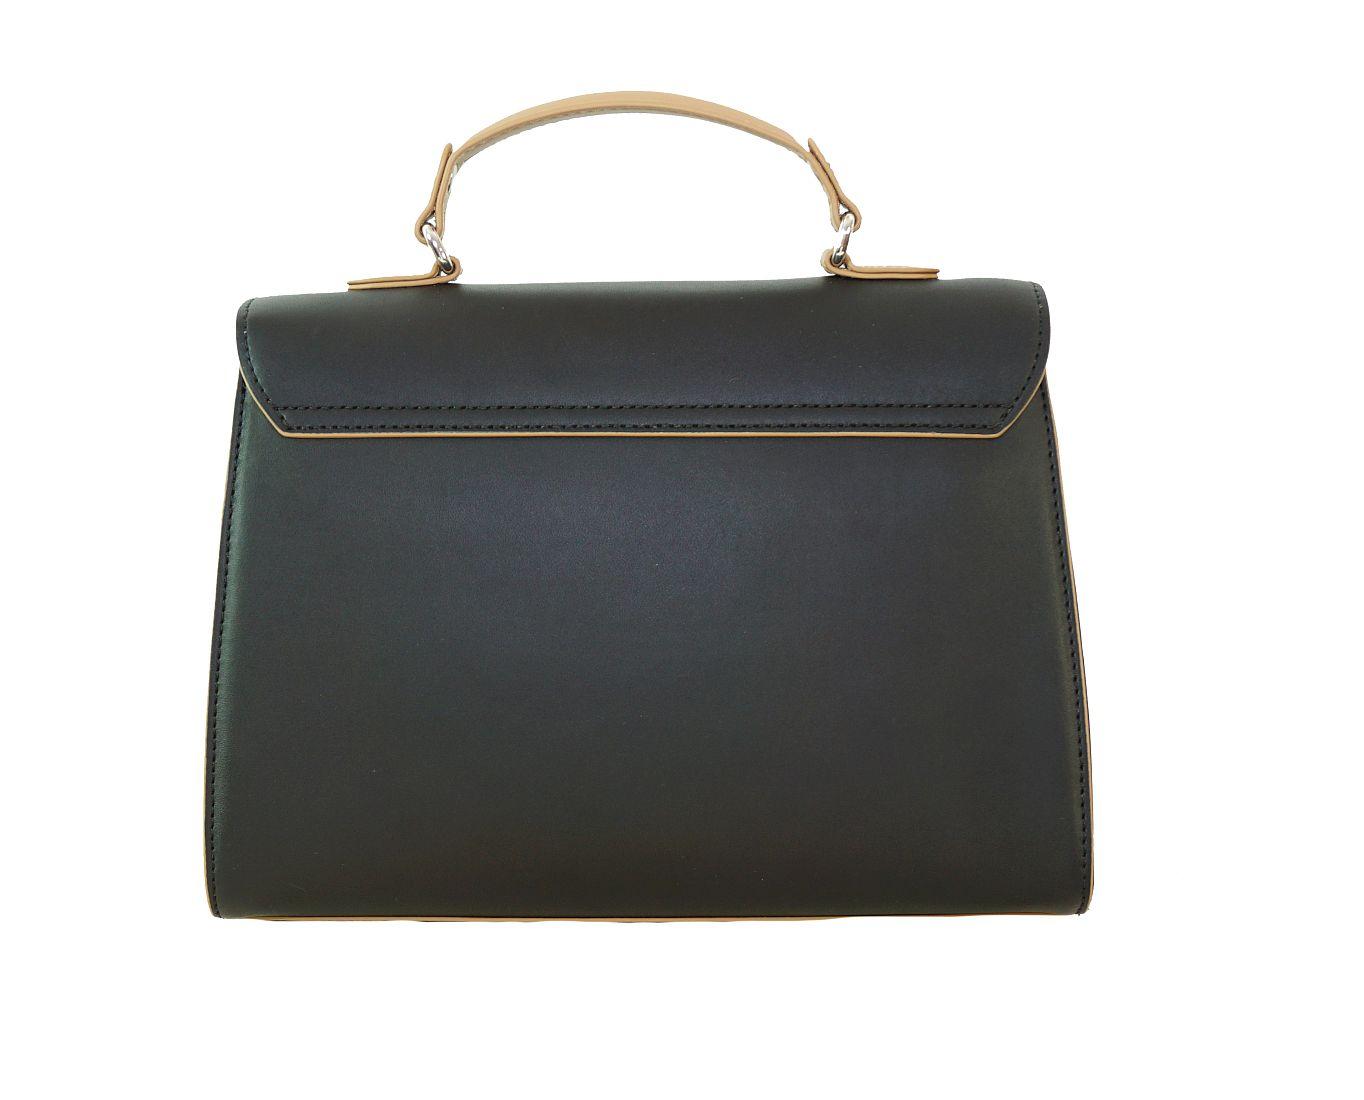 Armani Jeans Tasche Handtasche f. Damen 922111 6A730 41620 Nero Tannin HW16